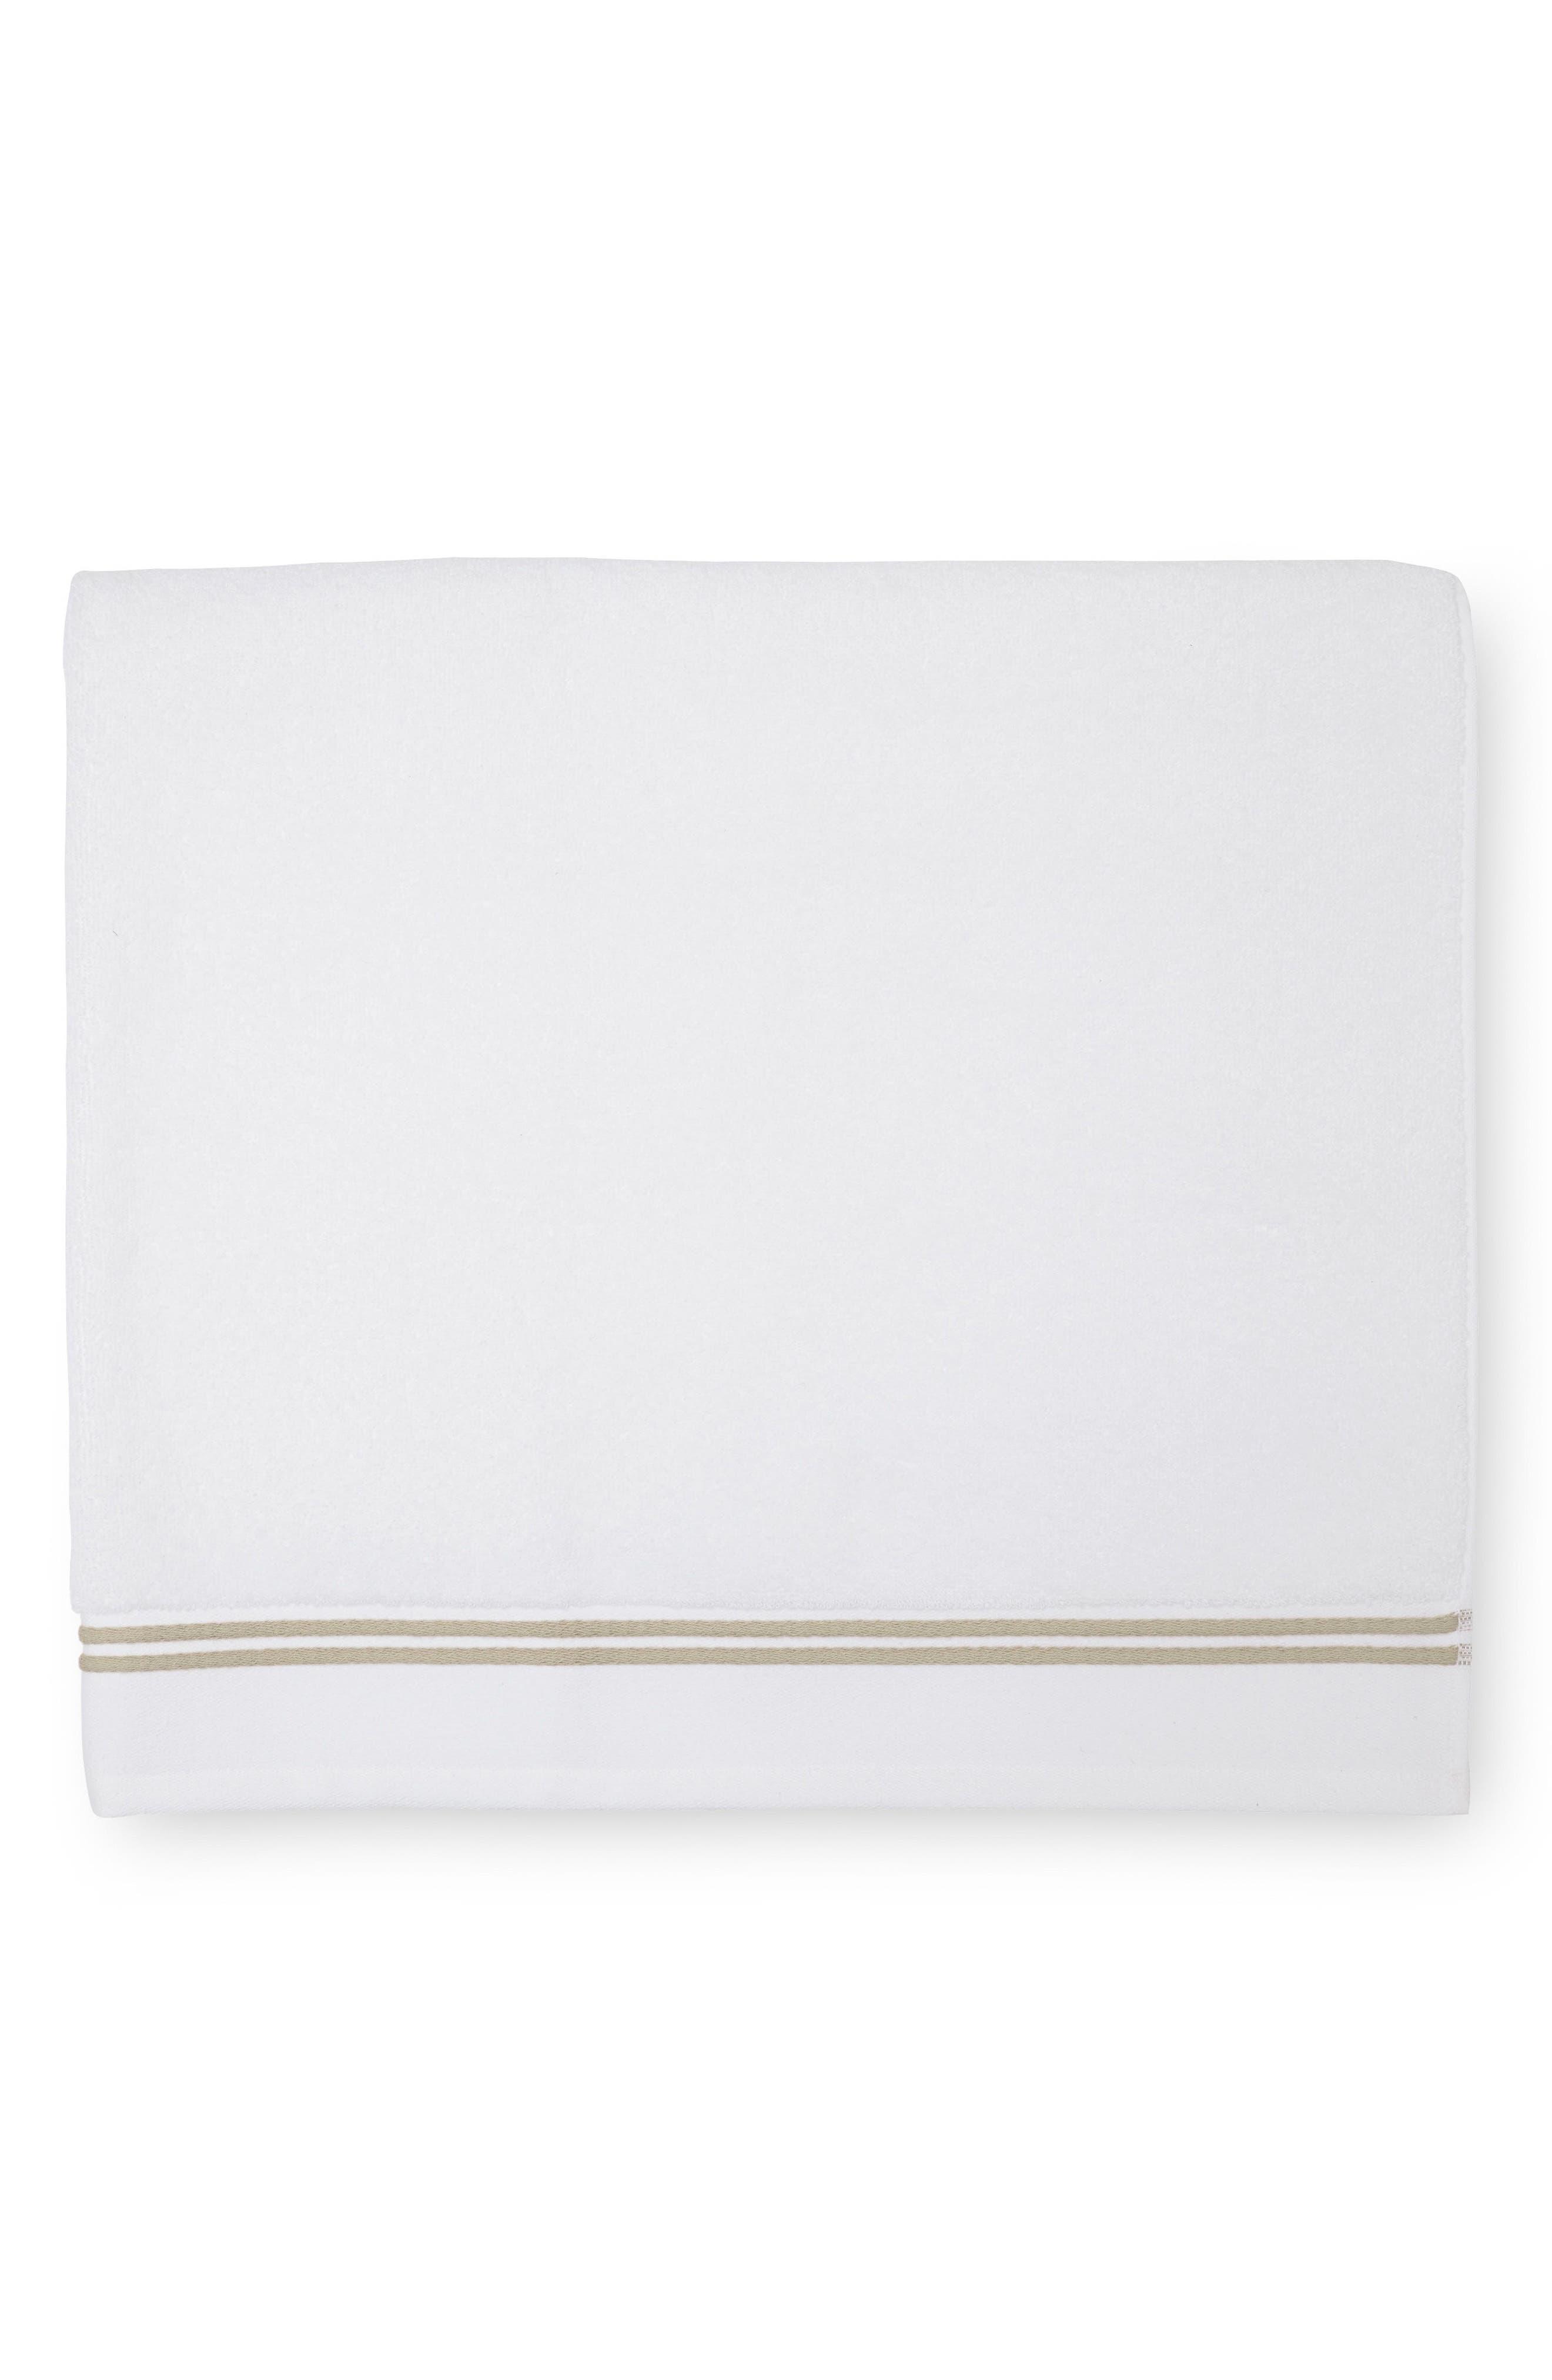 SFERRA,                             Aura Bath Sheet,                             Main thumbnail 1, color,                             100